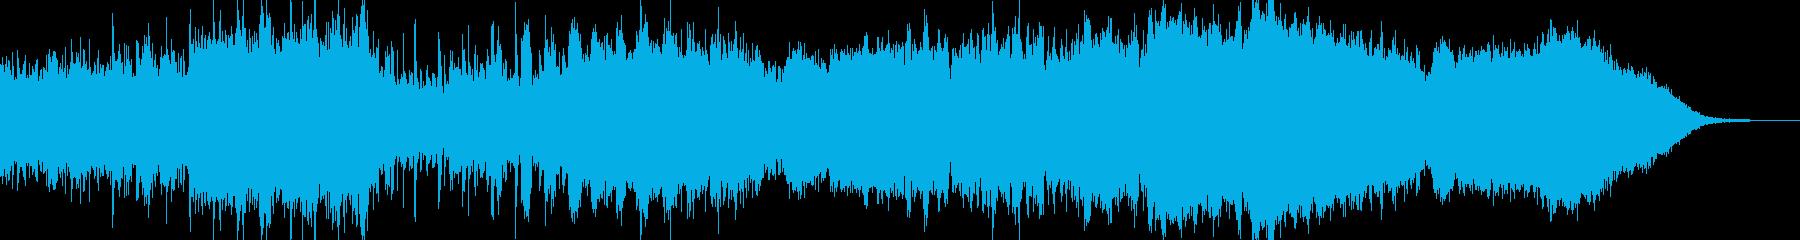 インダストリアルなダークシンセ音の再生済みの波形